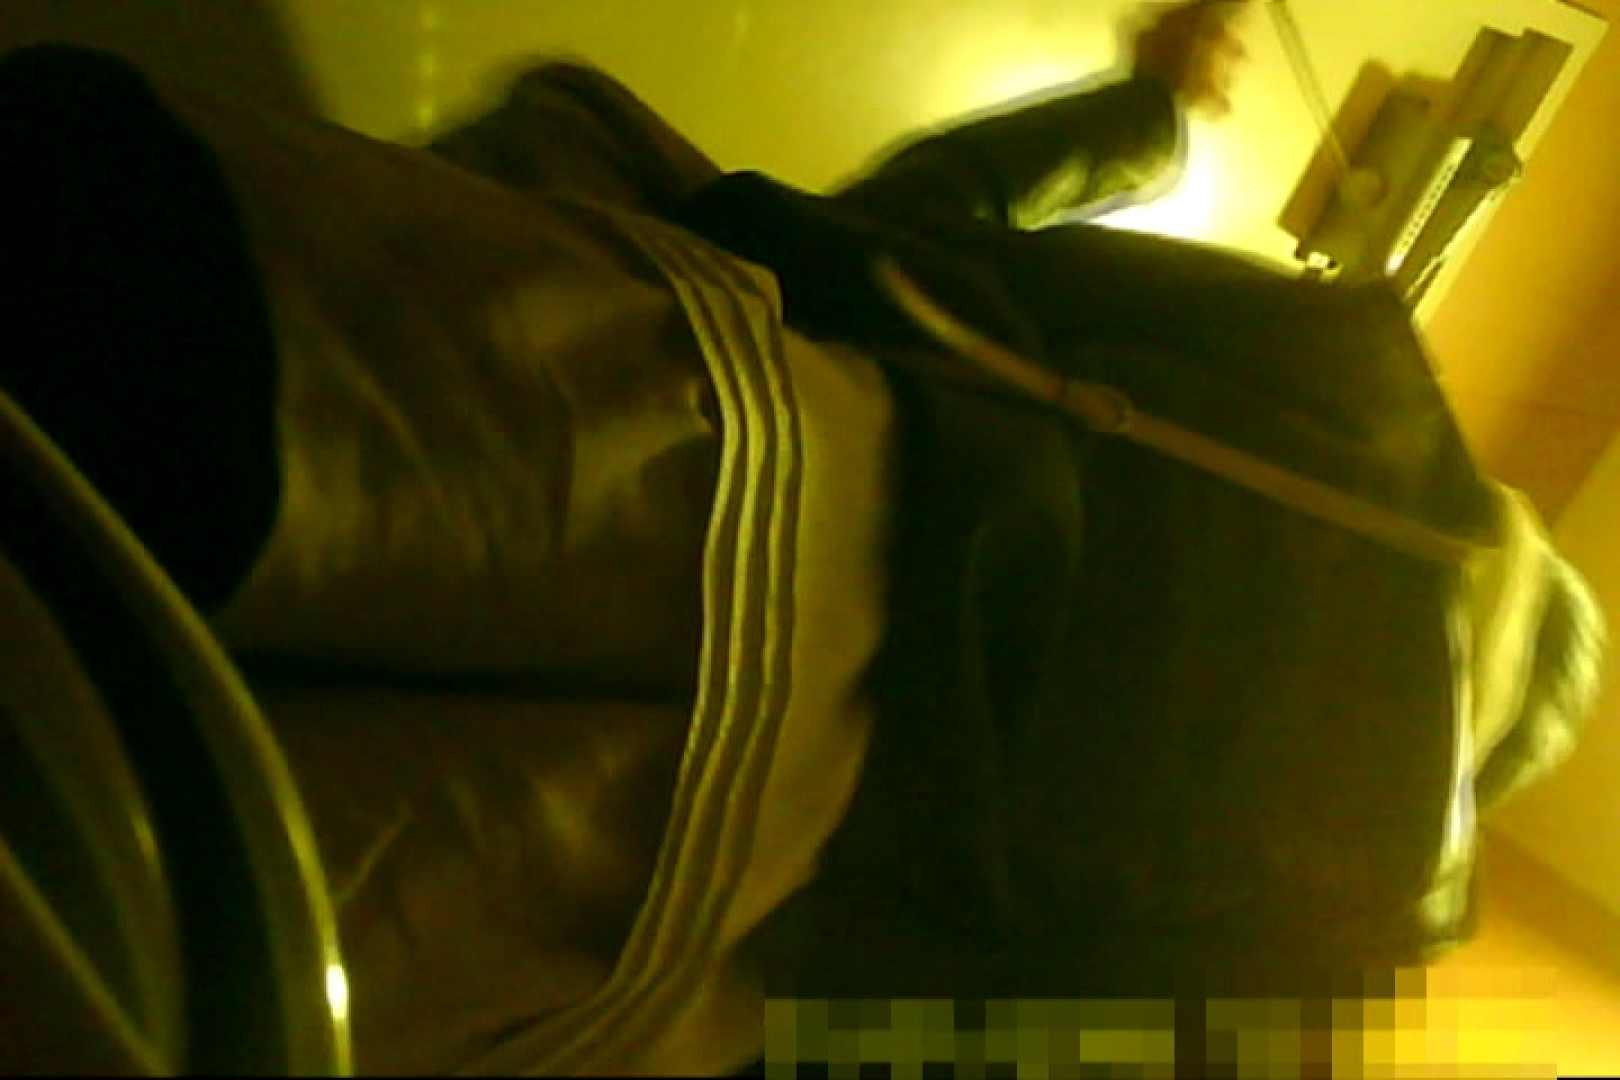 魅惑の化粧室~禁断のプライベート空間~26 プライベート投稿  101PIX 30